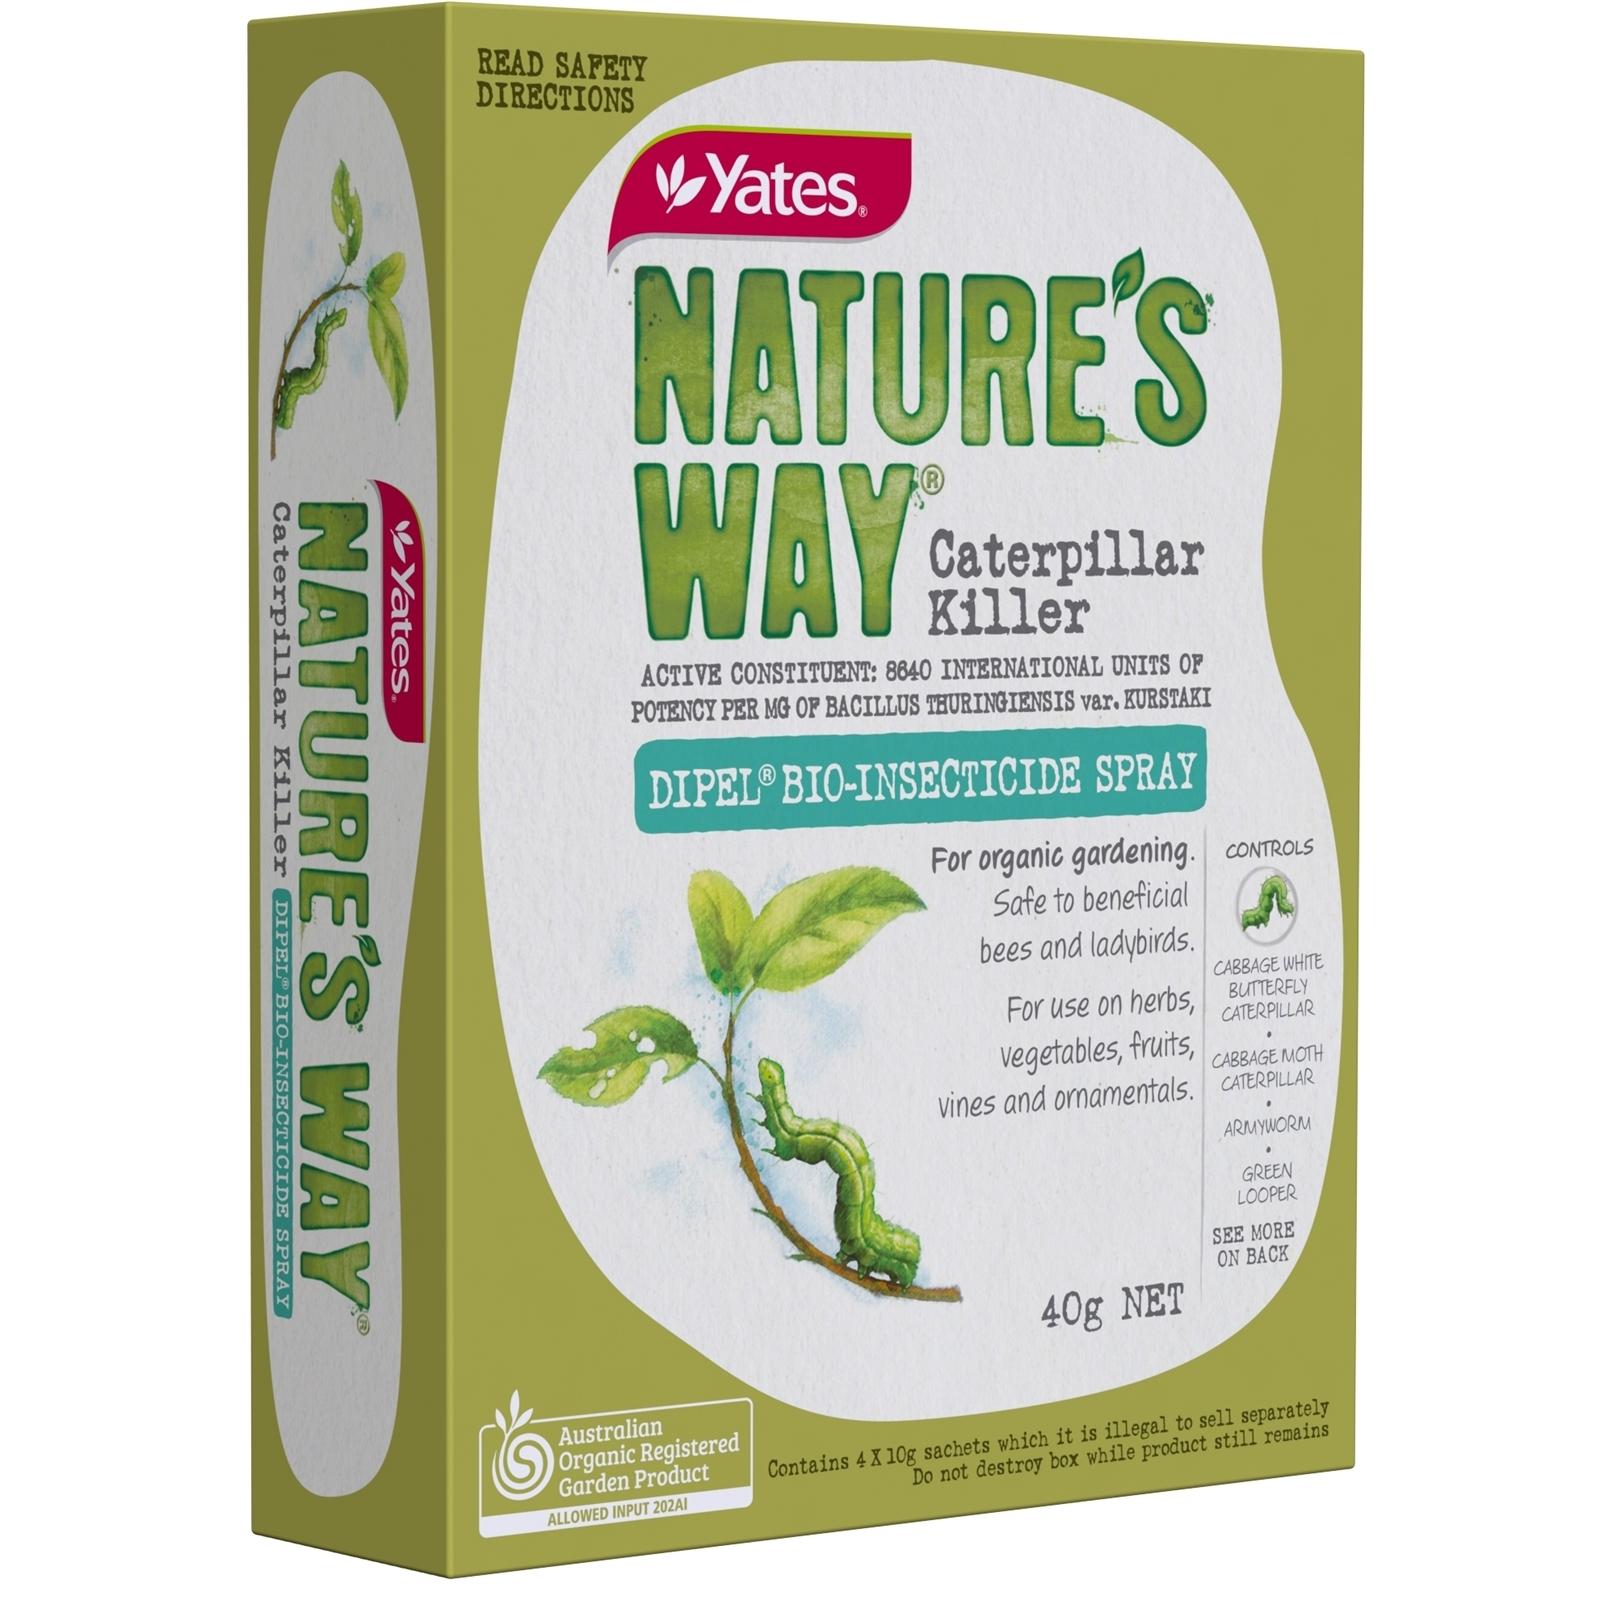 Yates 40g Natures Way Caterpillar Killer Dipel Insecticide